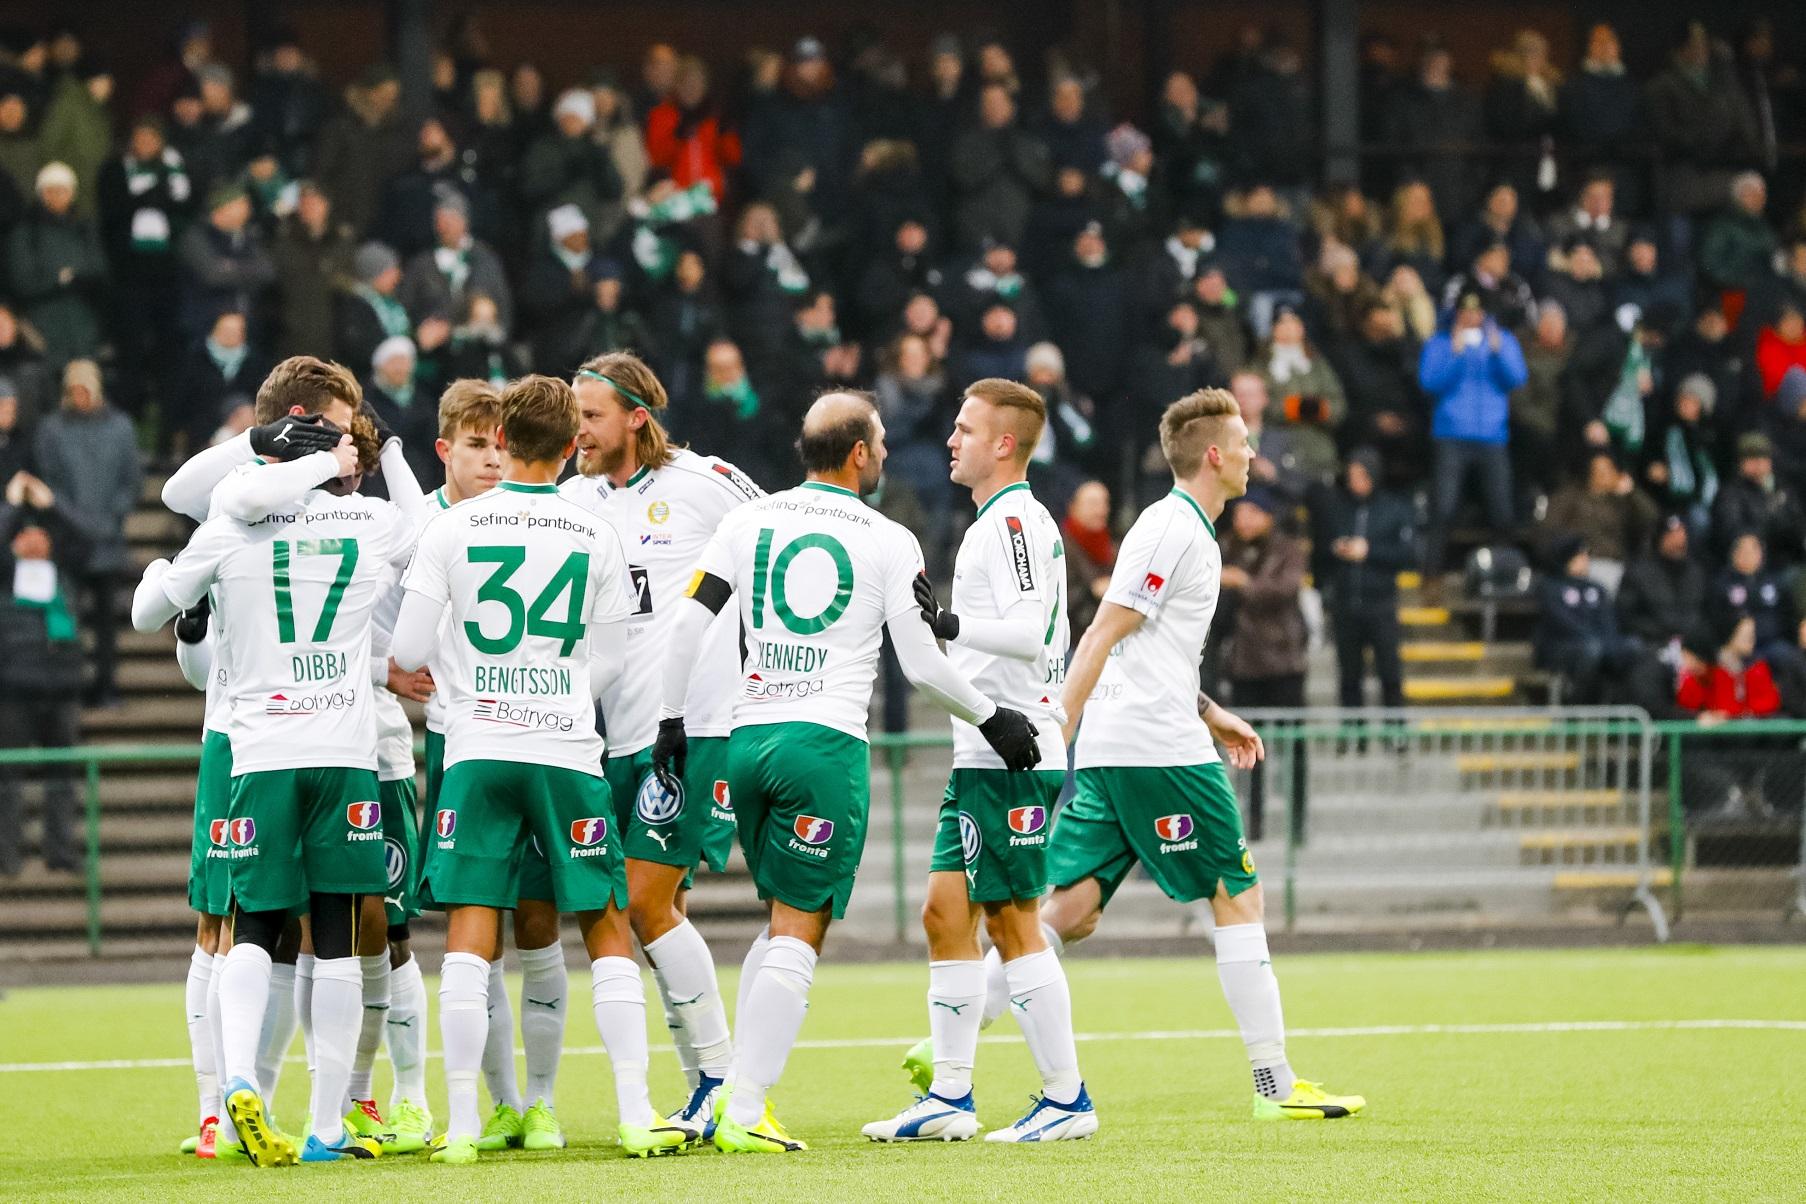 Fotboll, Träningsmatch, Brommapojkarna - Hammarby